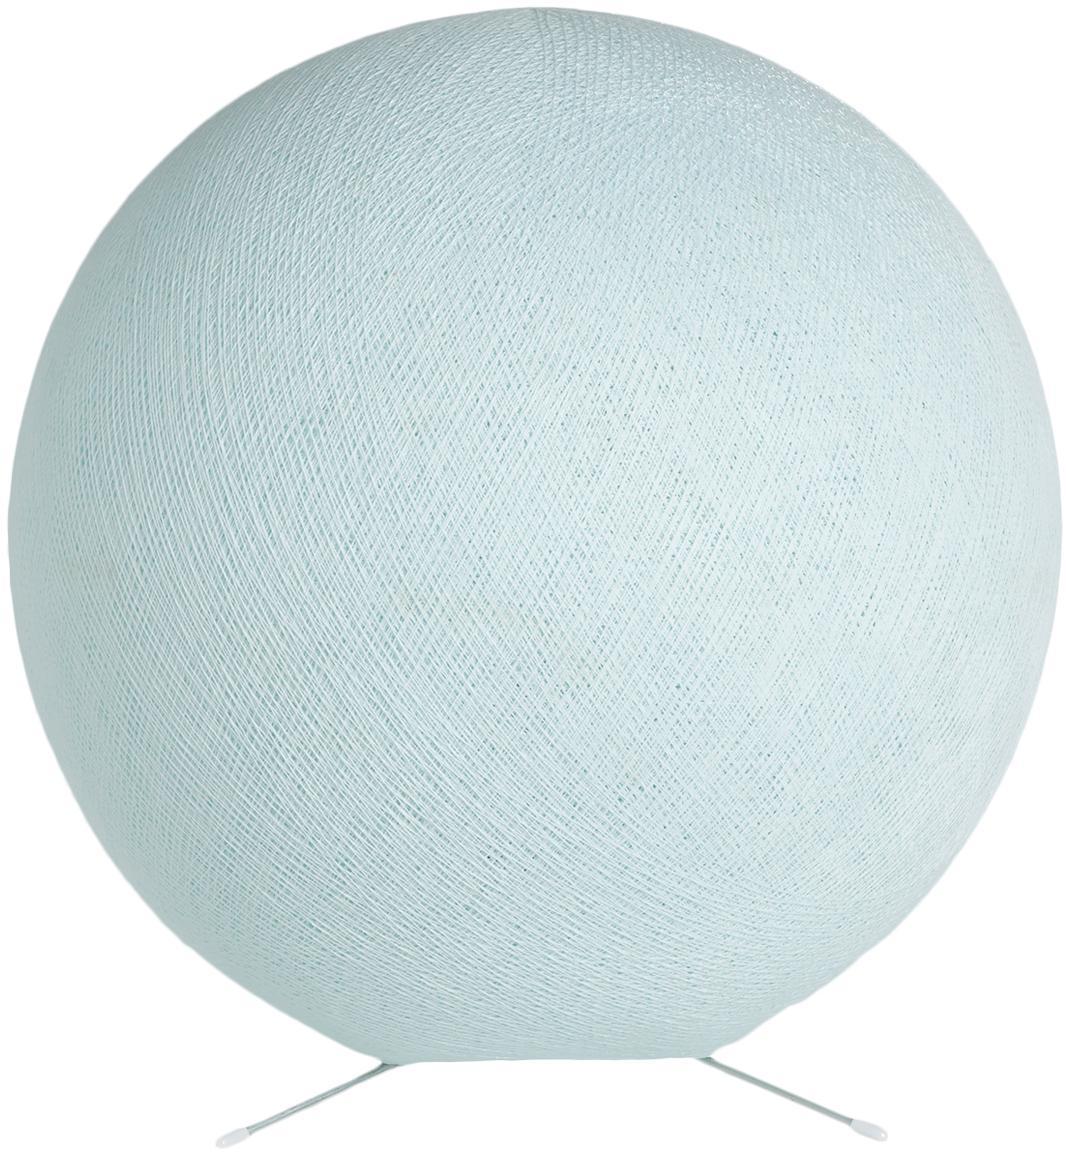 Lampa stołowa Colorain, Jasny niebieski, Ø 36 cm